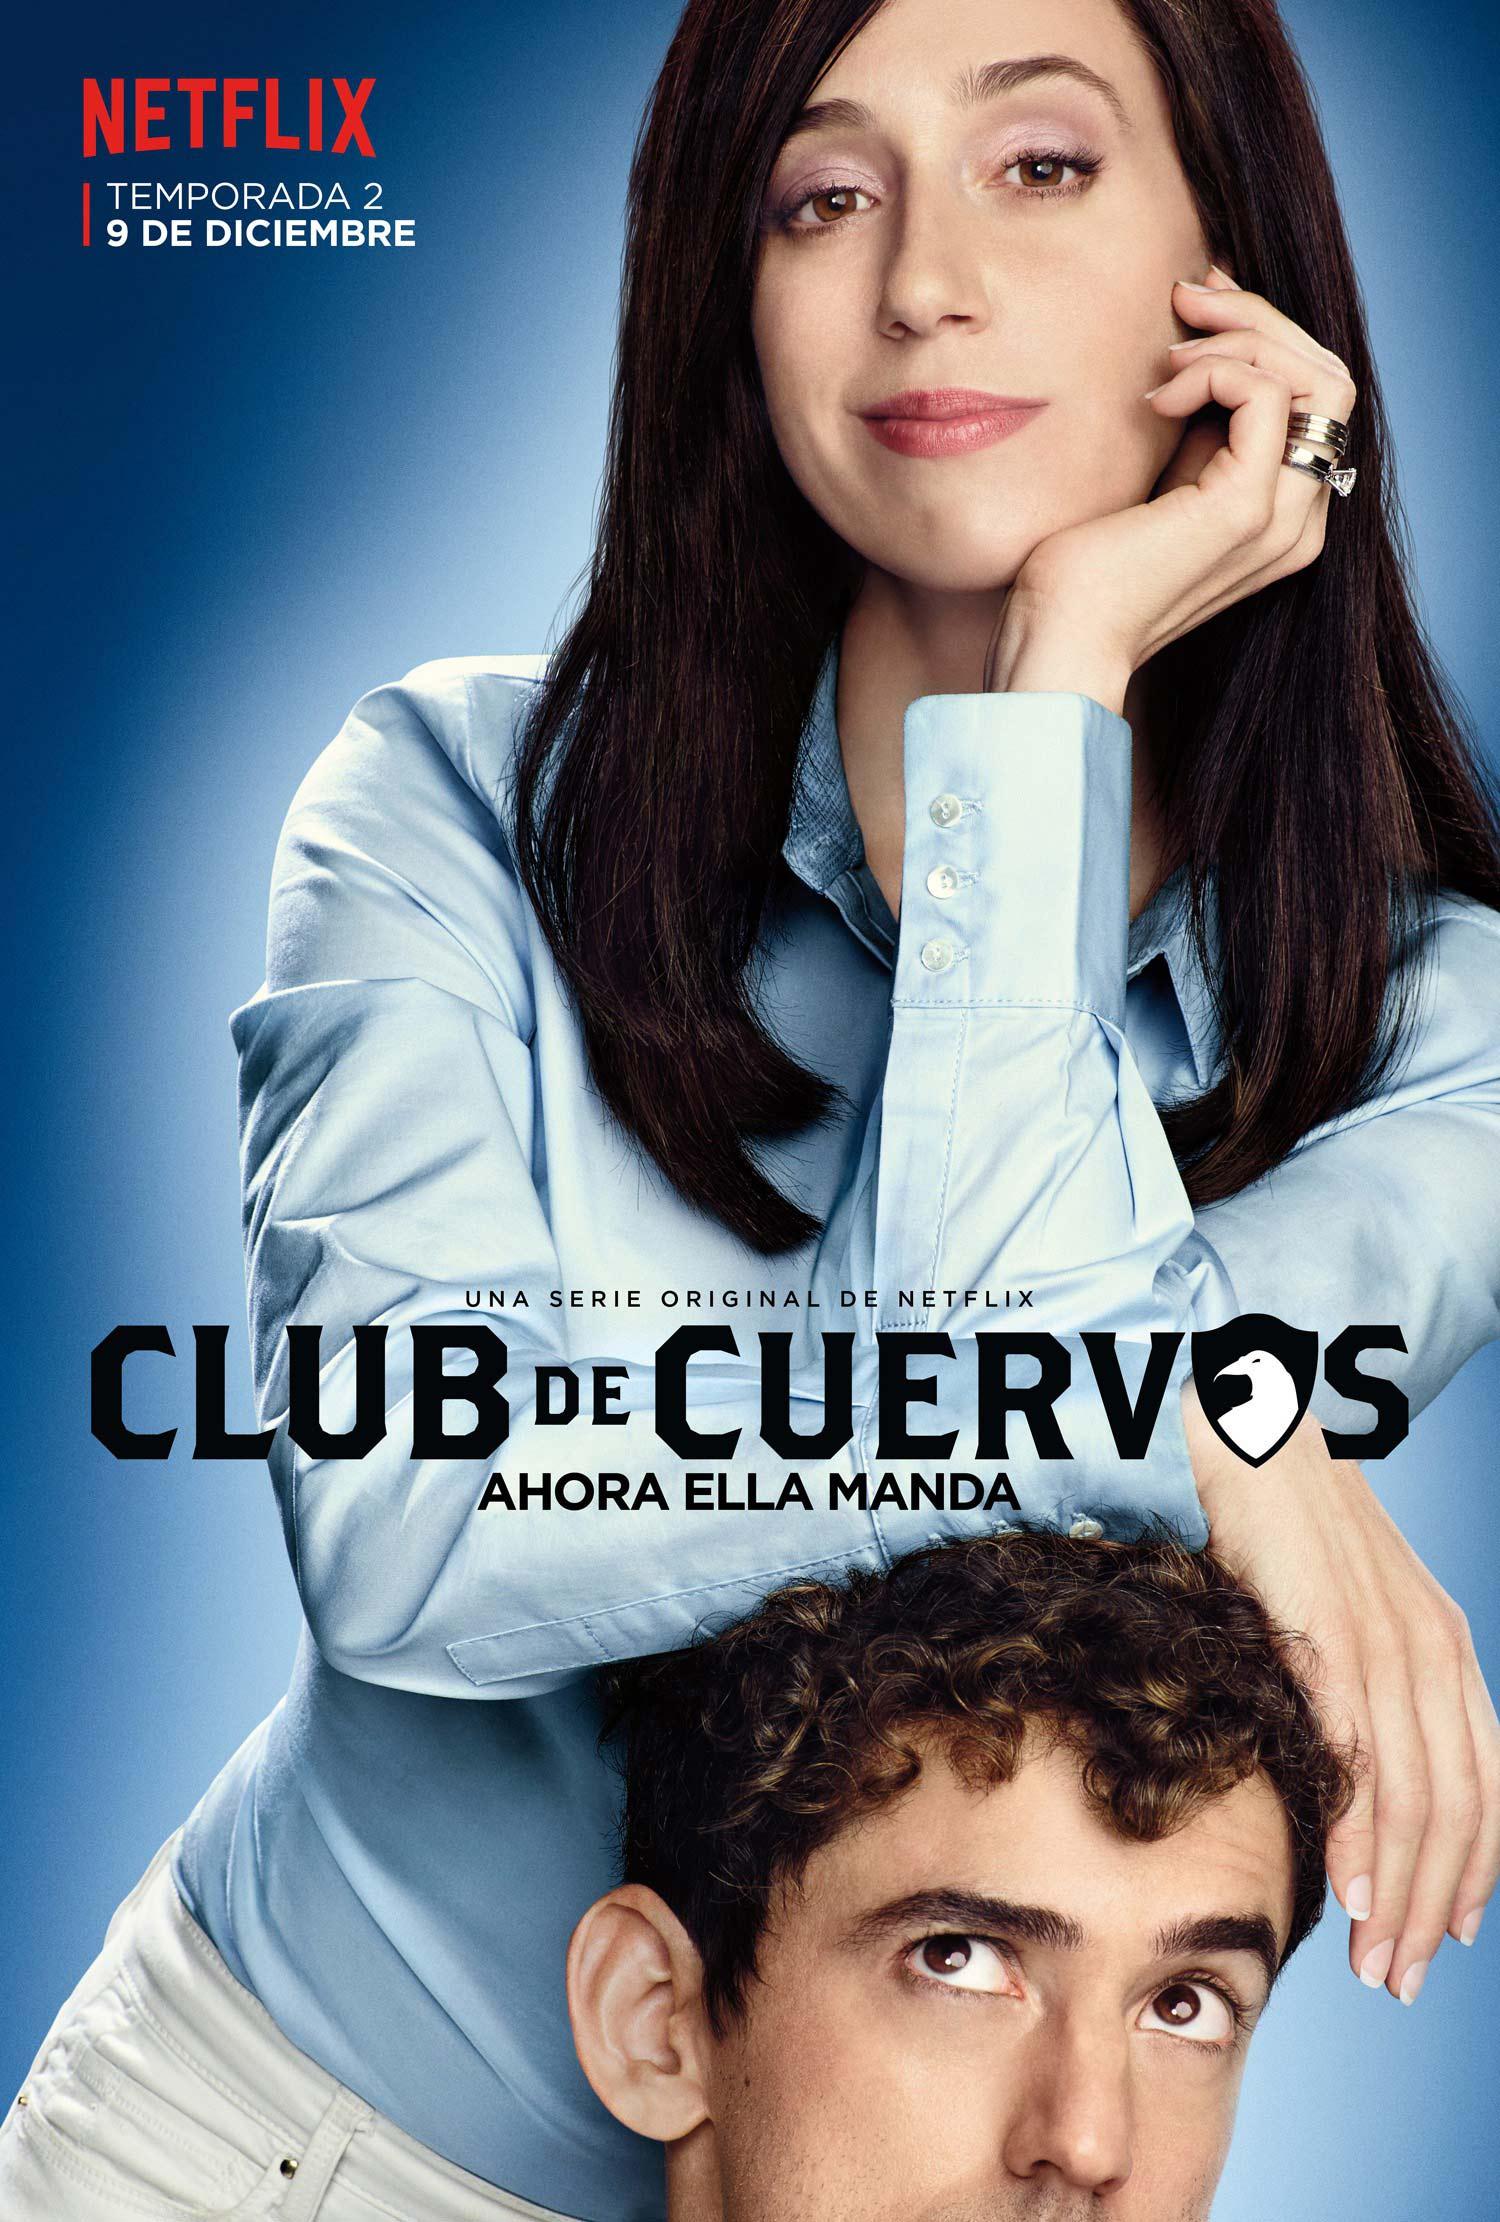 Club-de-Cuervos-2a-temporada-netflix-critica-poster